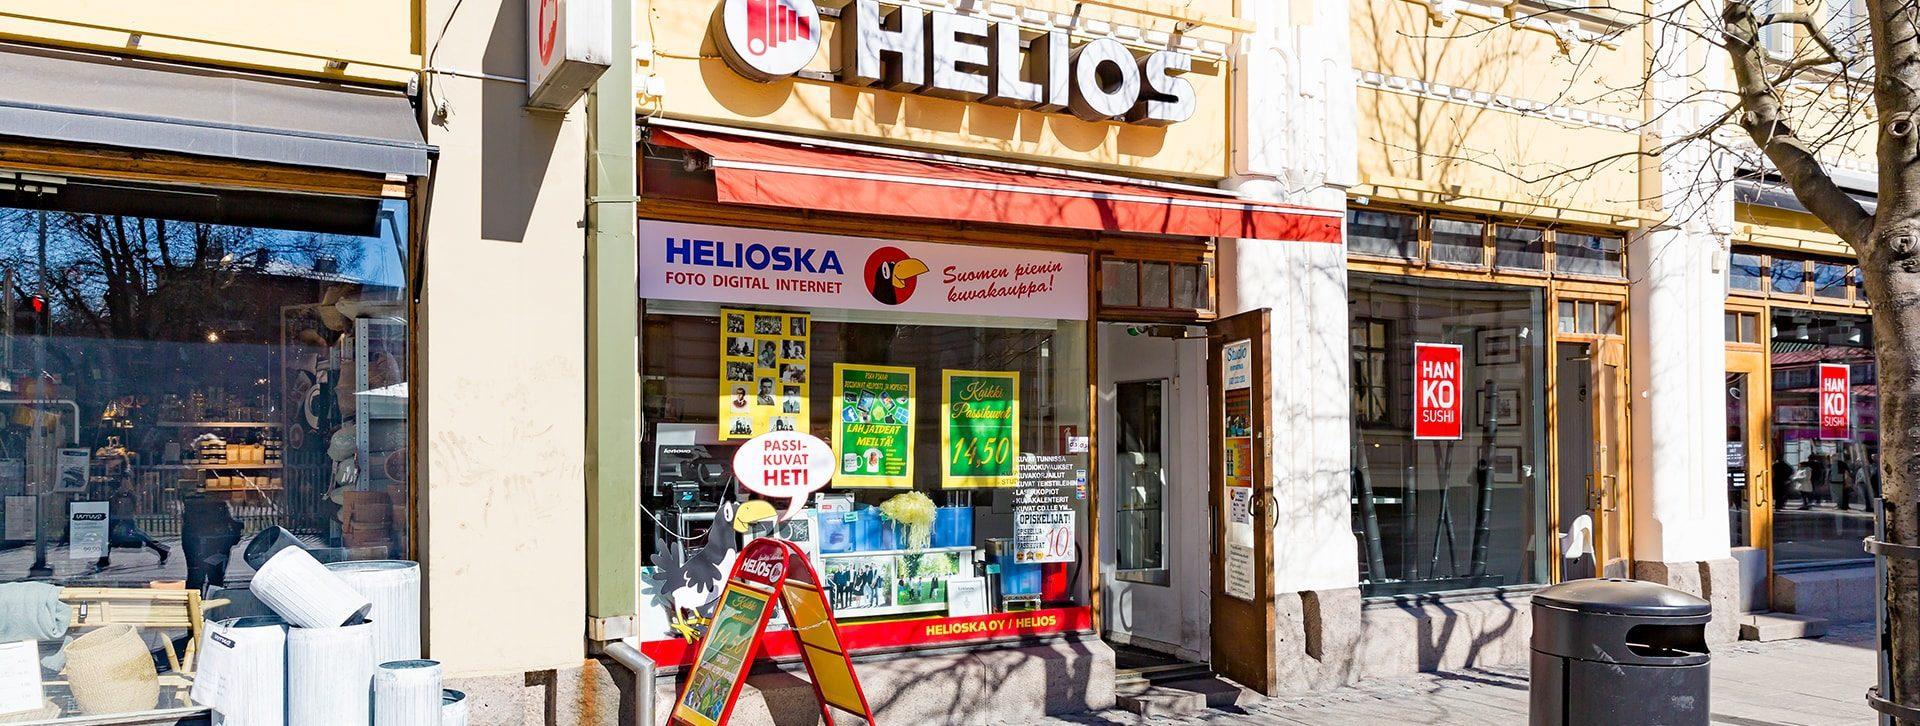 hansakortteli_helioska